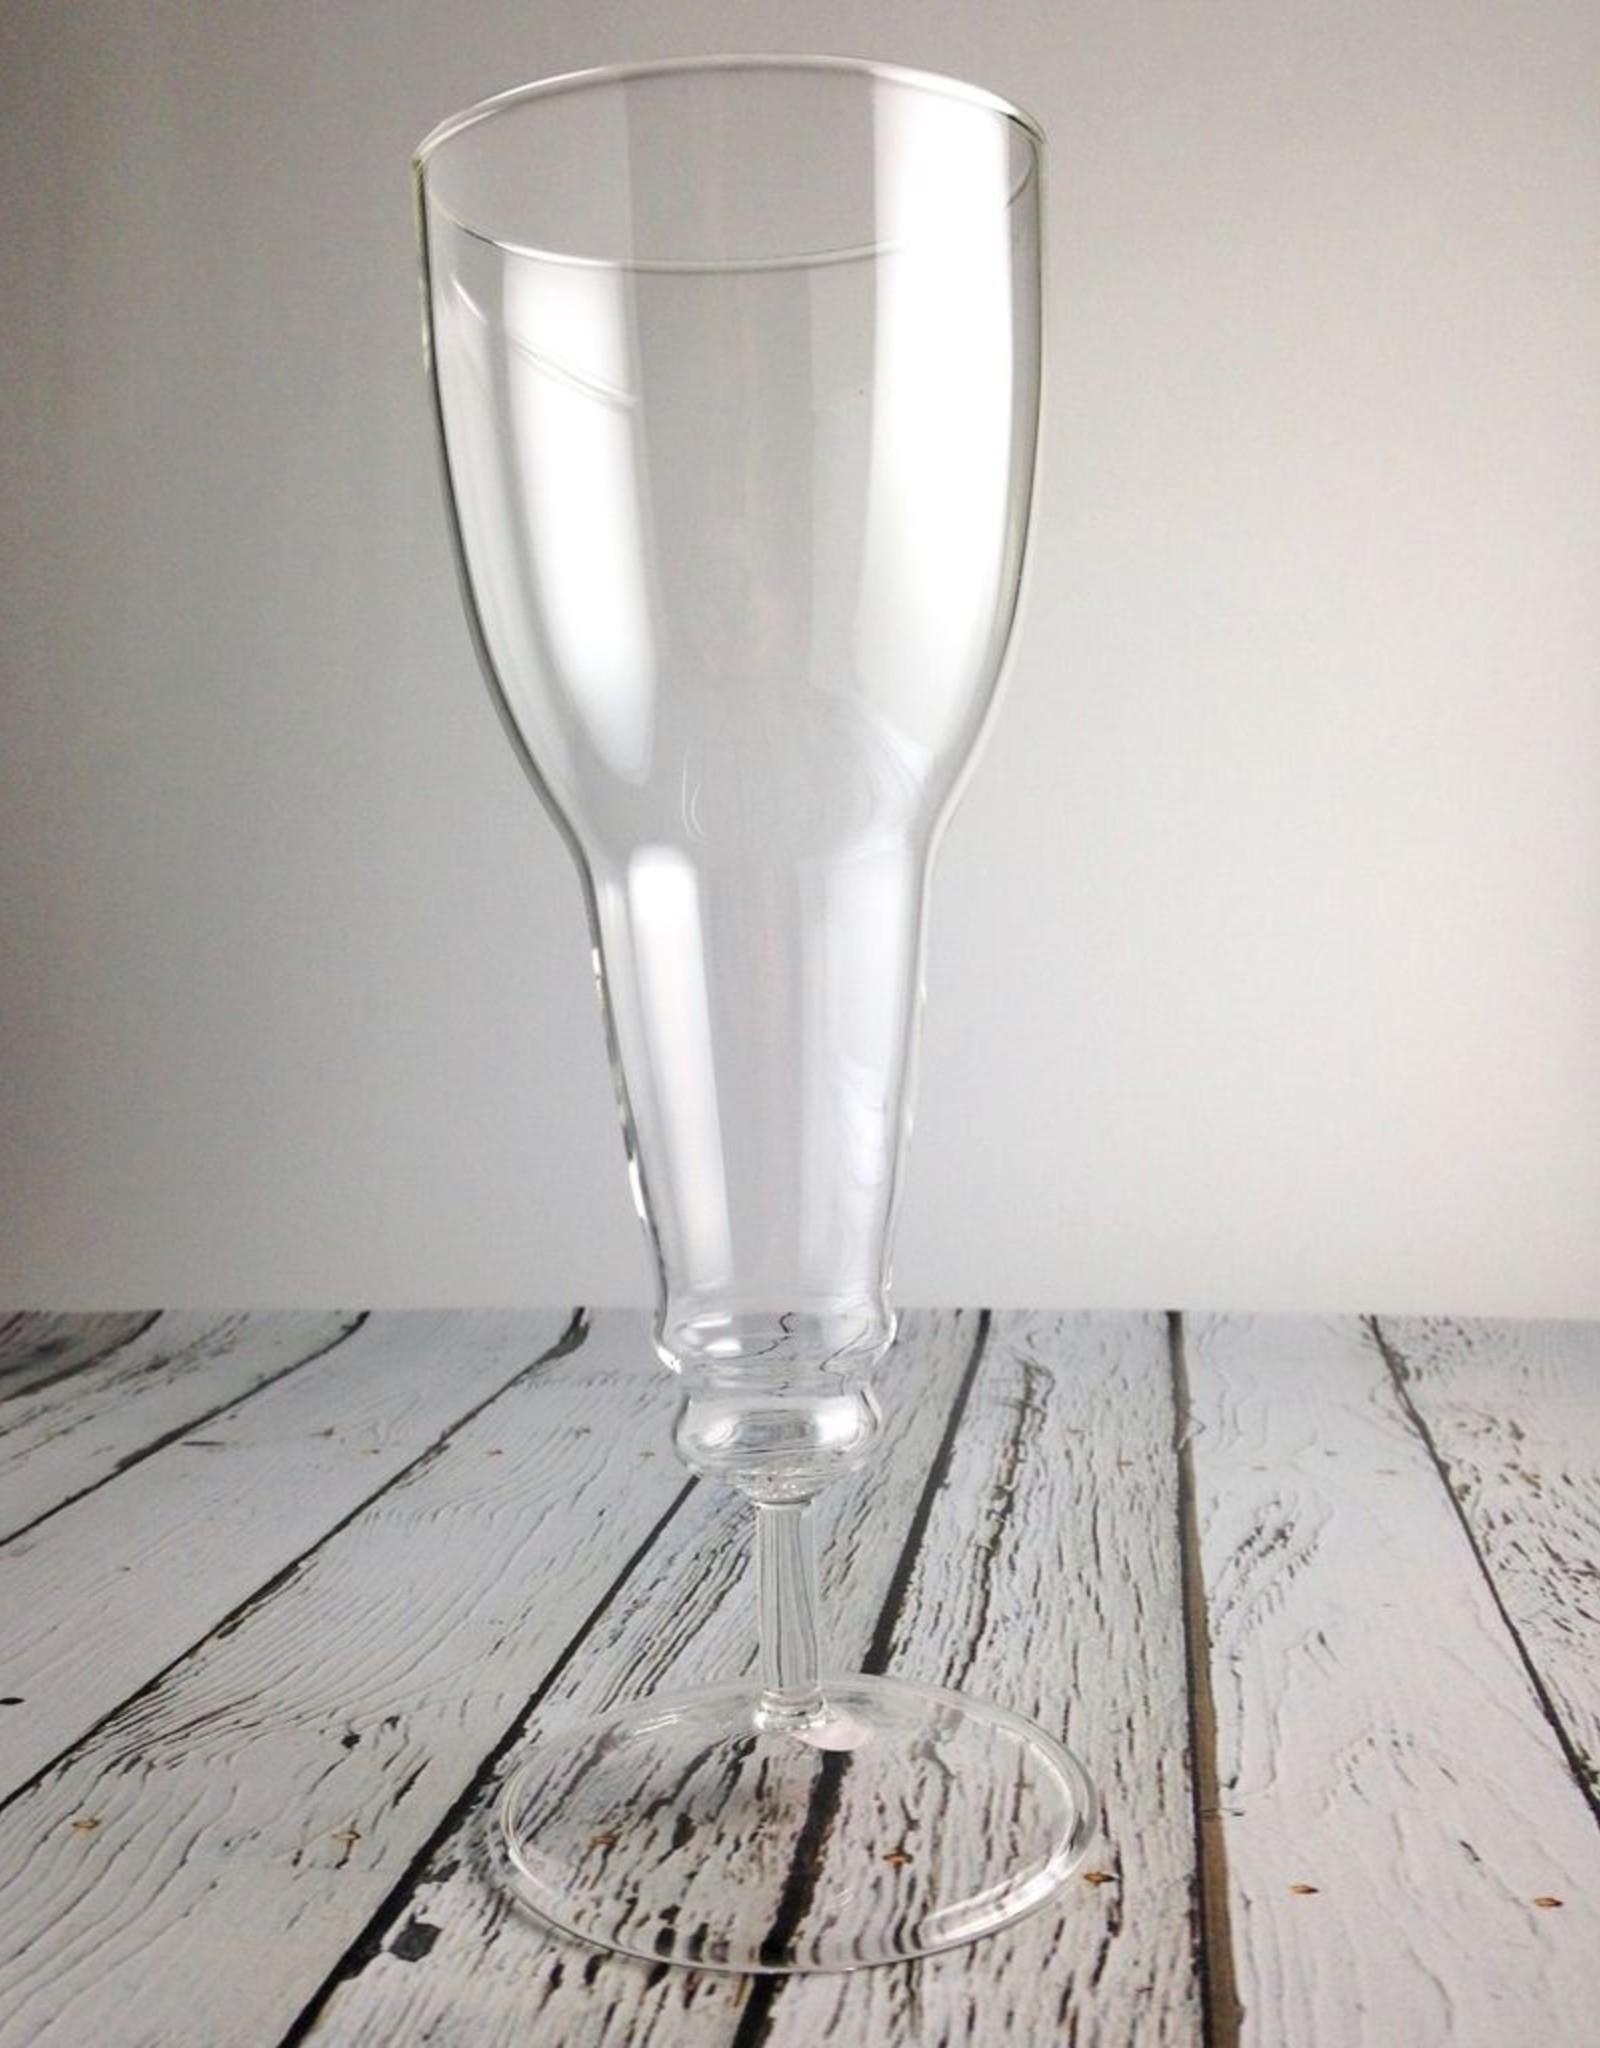 Beerdeaux Beer Glass